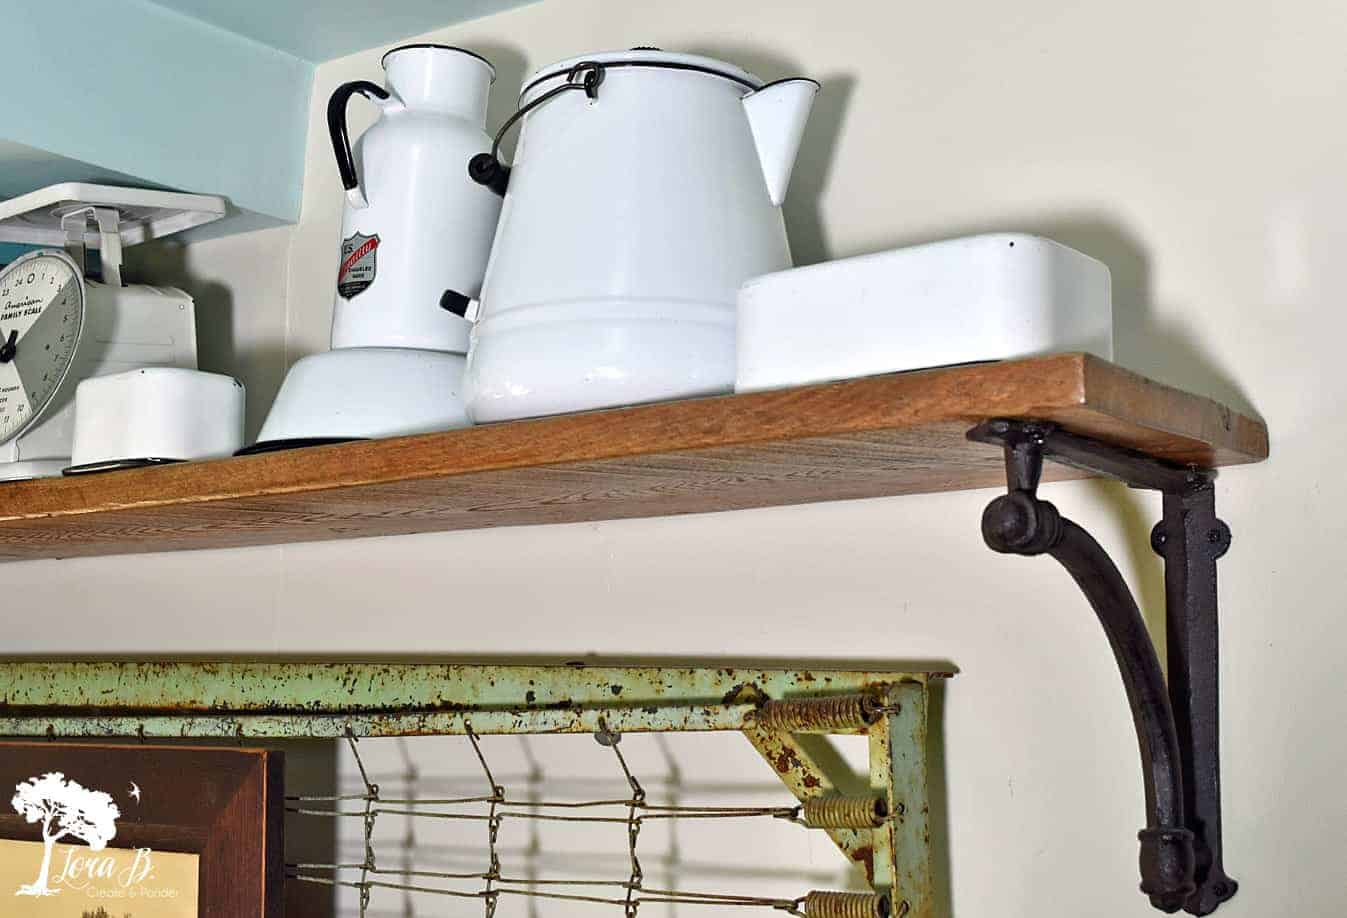 farmhouse-styled summer shelf ideas